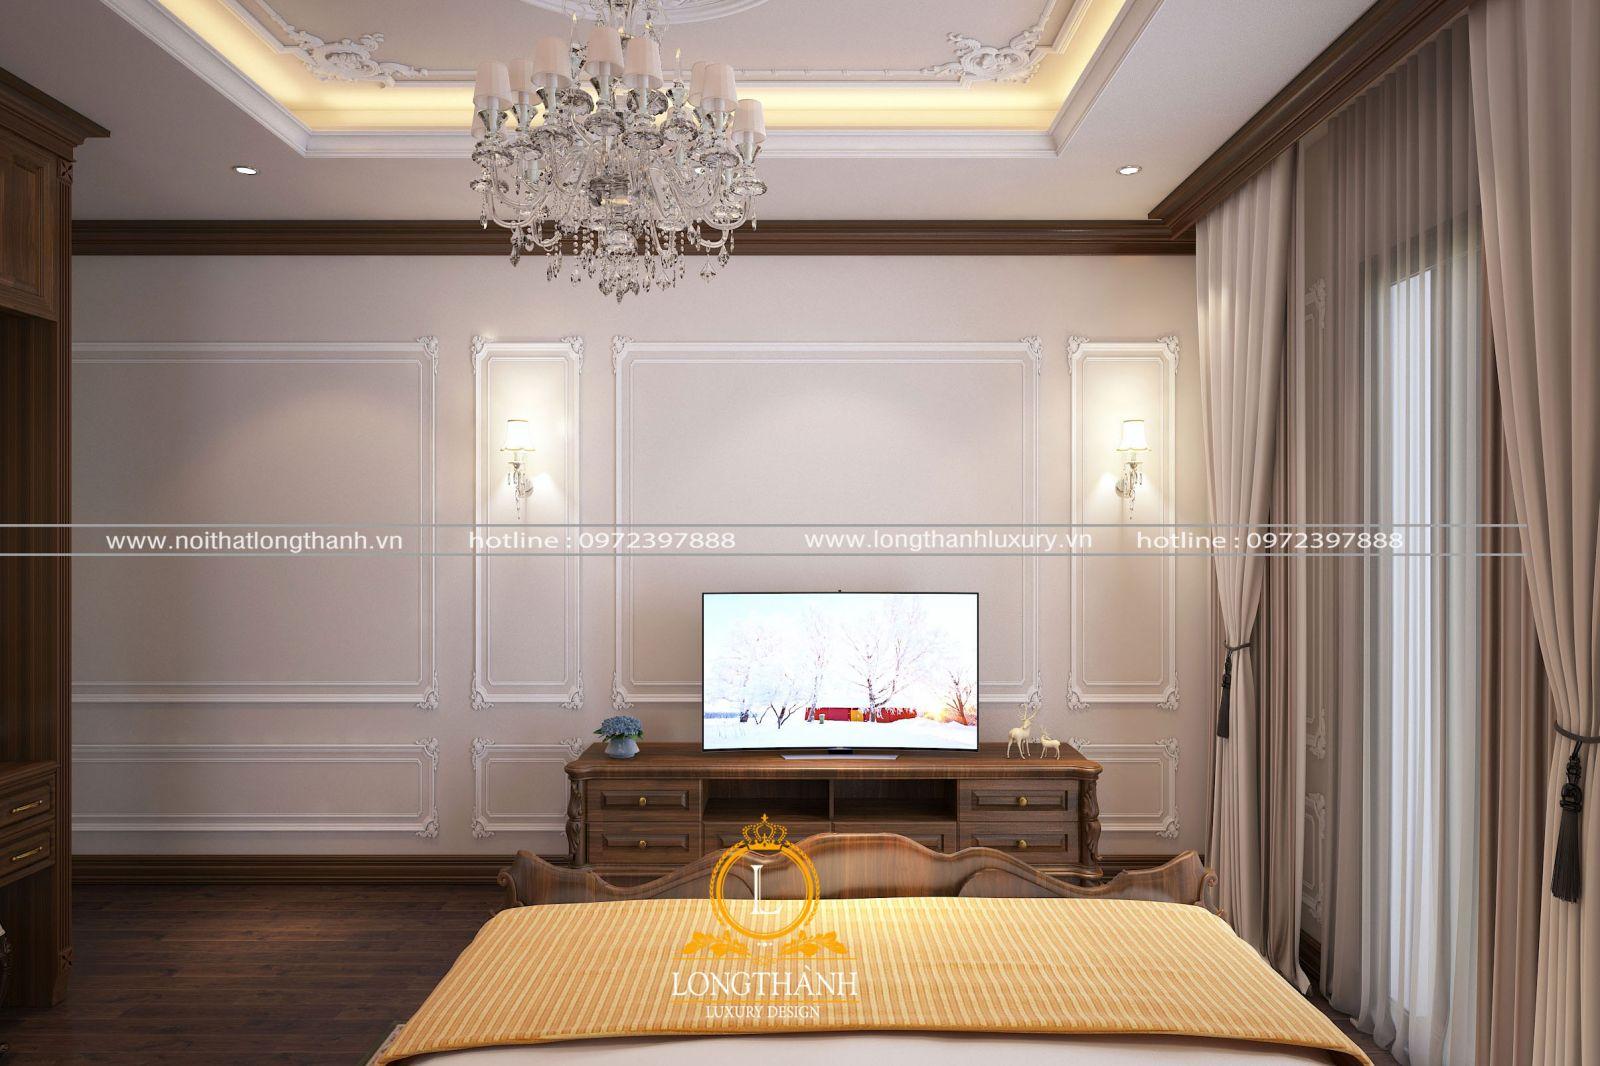 Thiết kế không gian nội thất phòng ngủ nhà phố góc nhìn chính kệ tivi